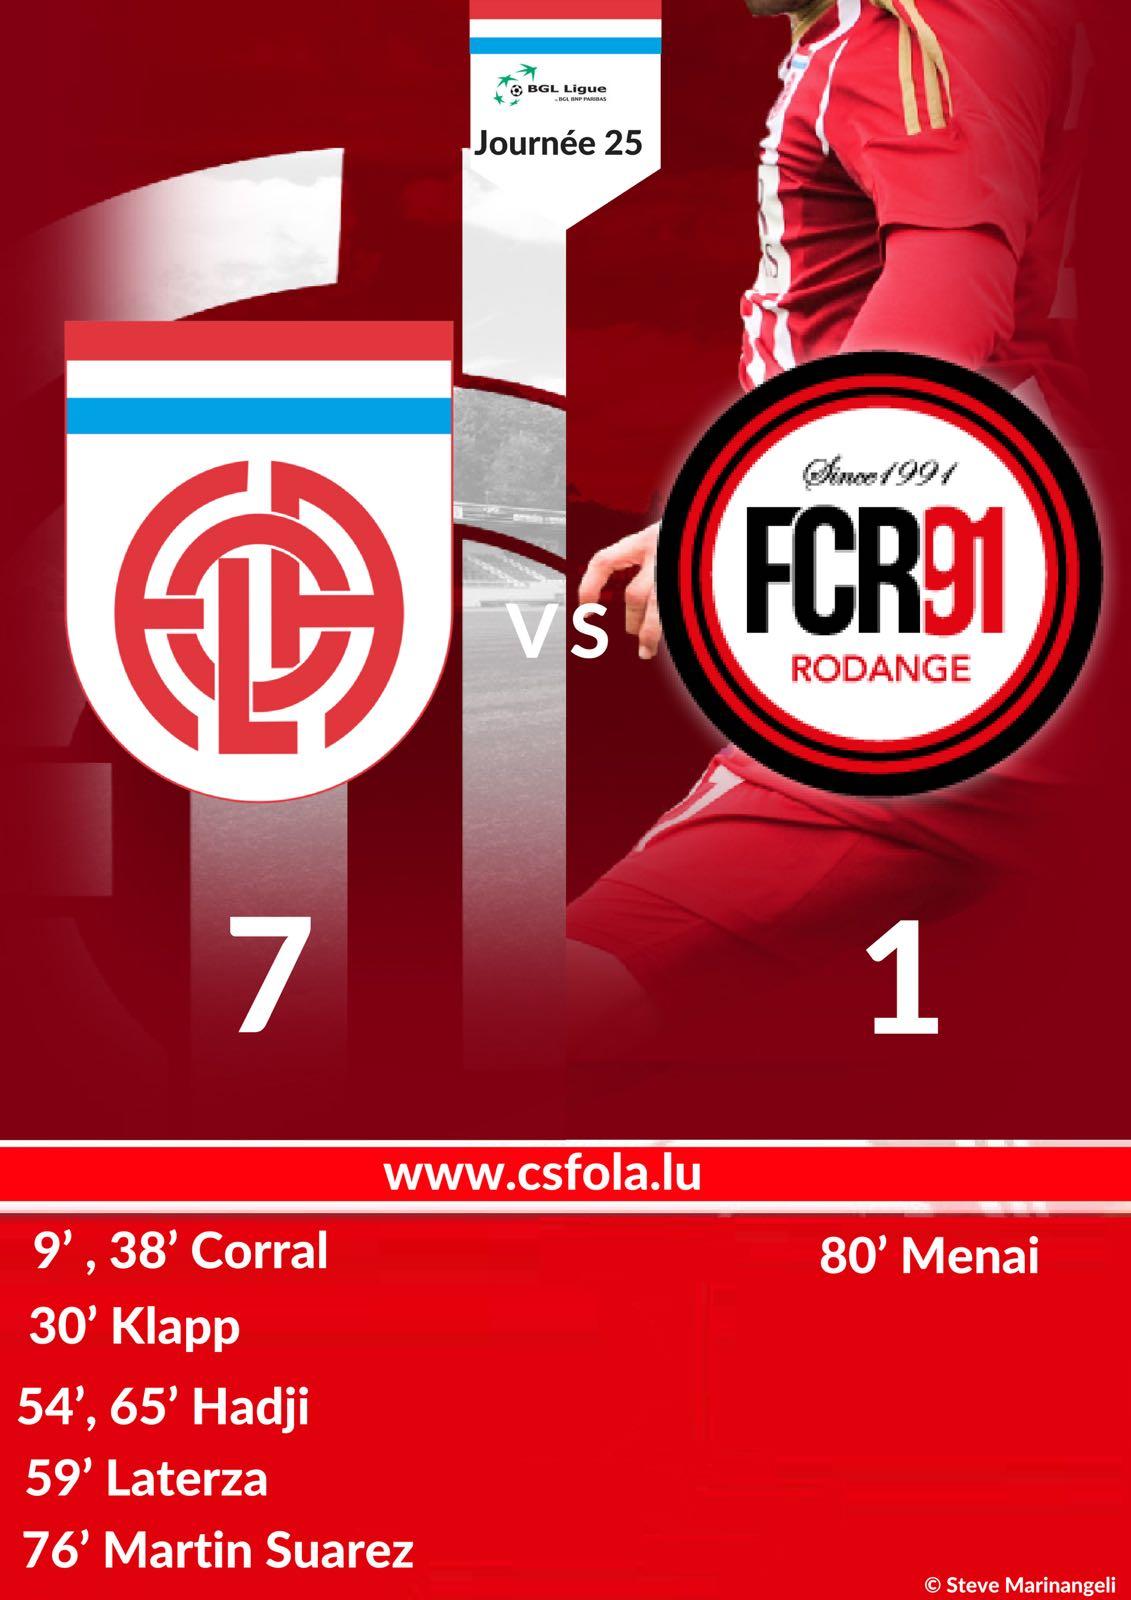 CS Fola - FCR 91